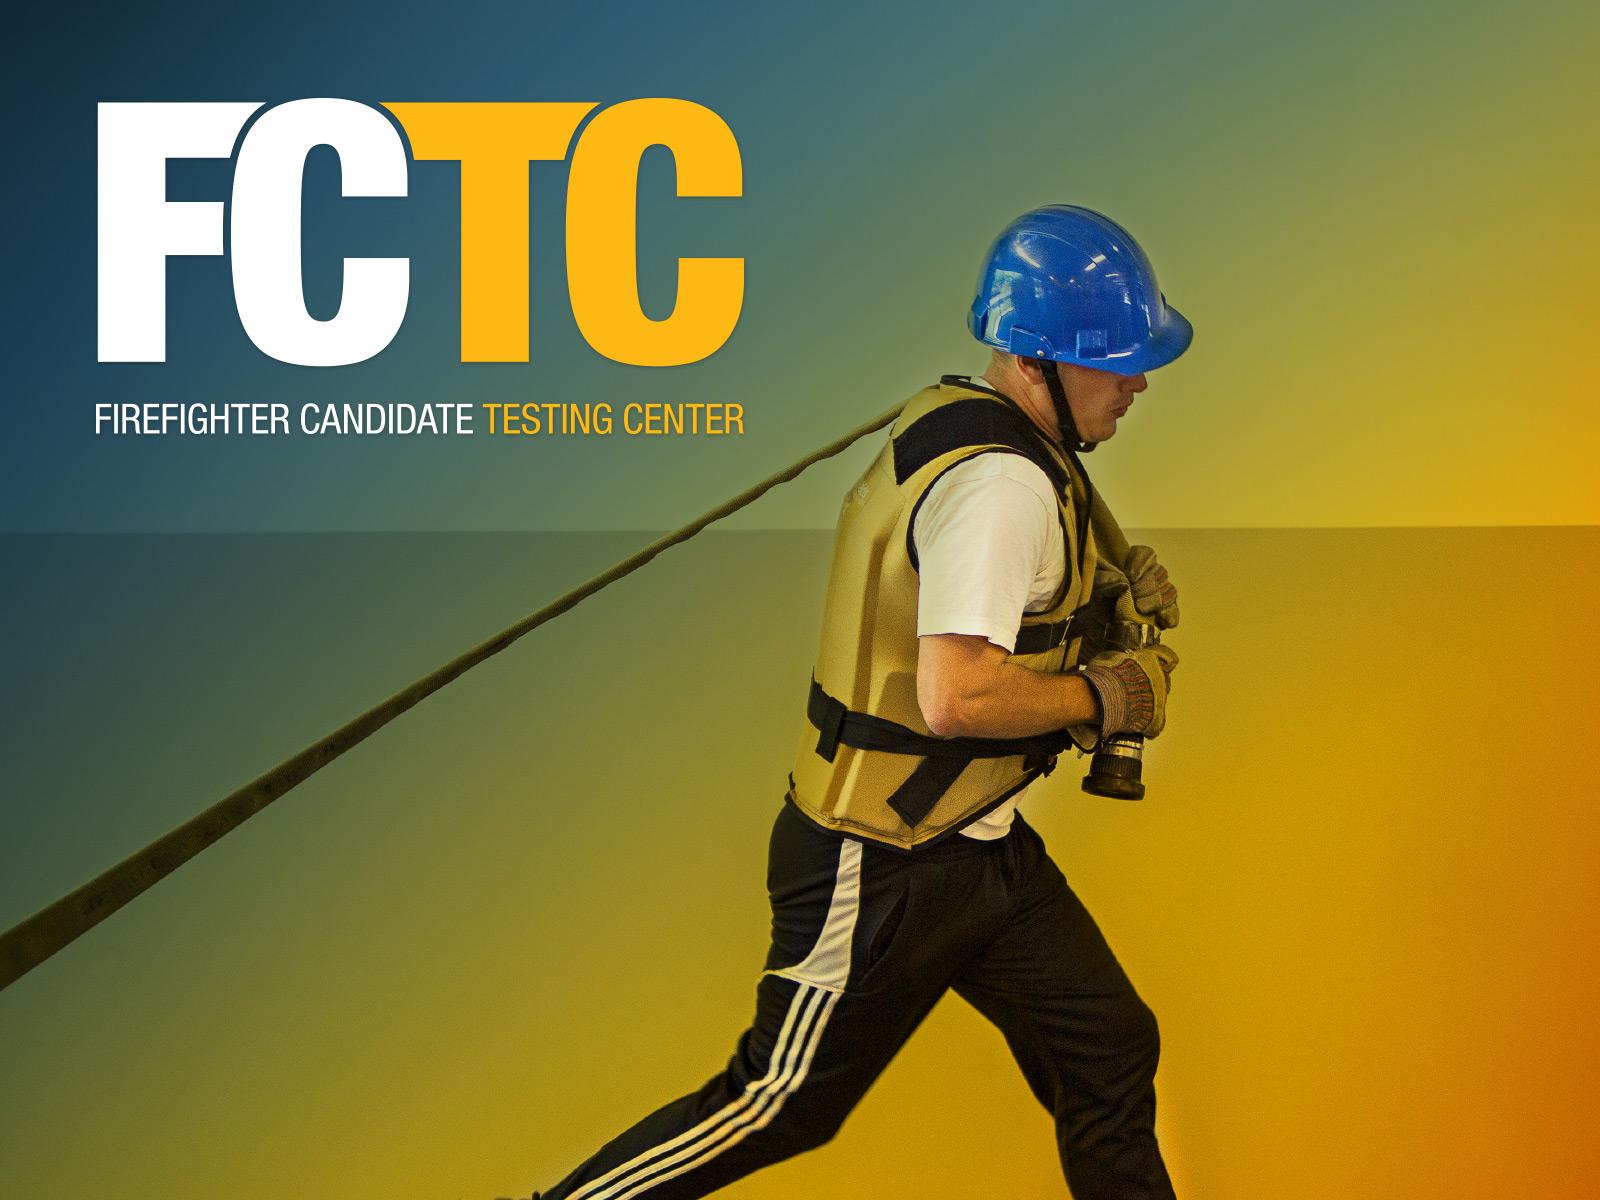 FCTC-cover.jpg